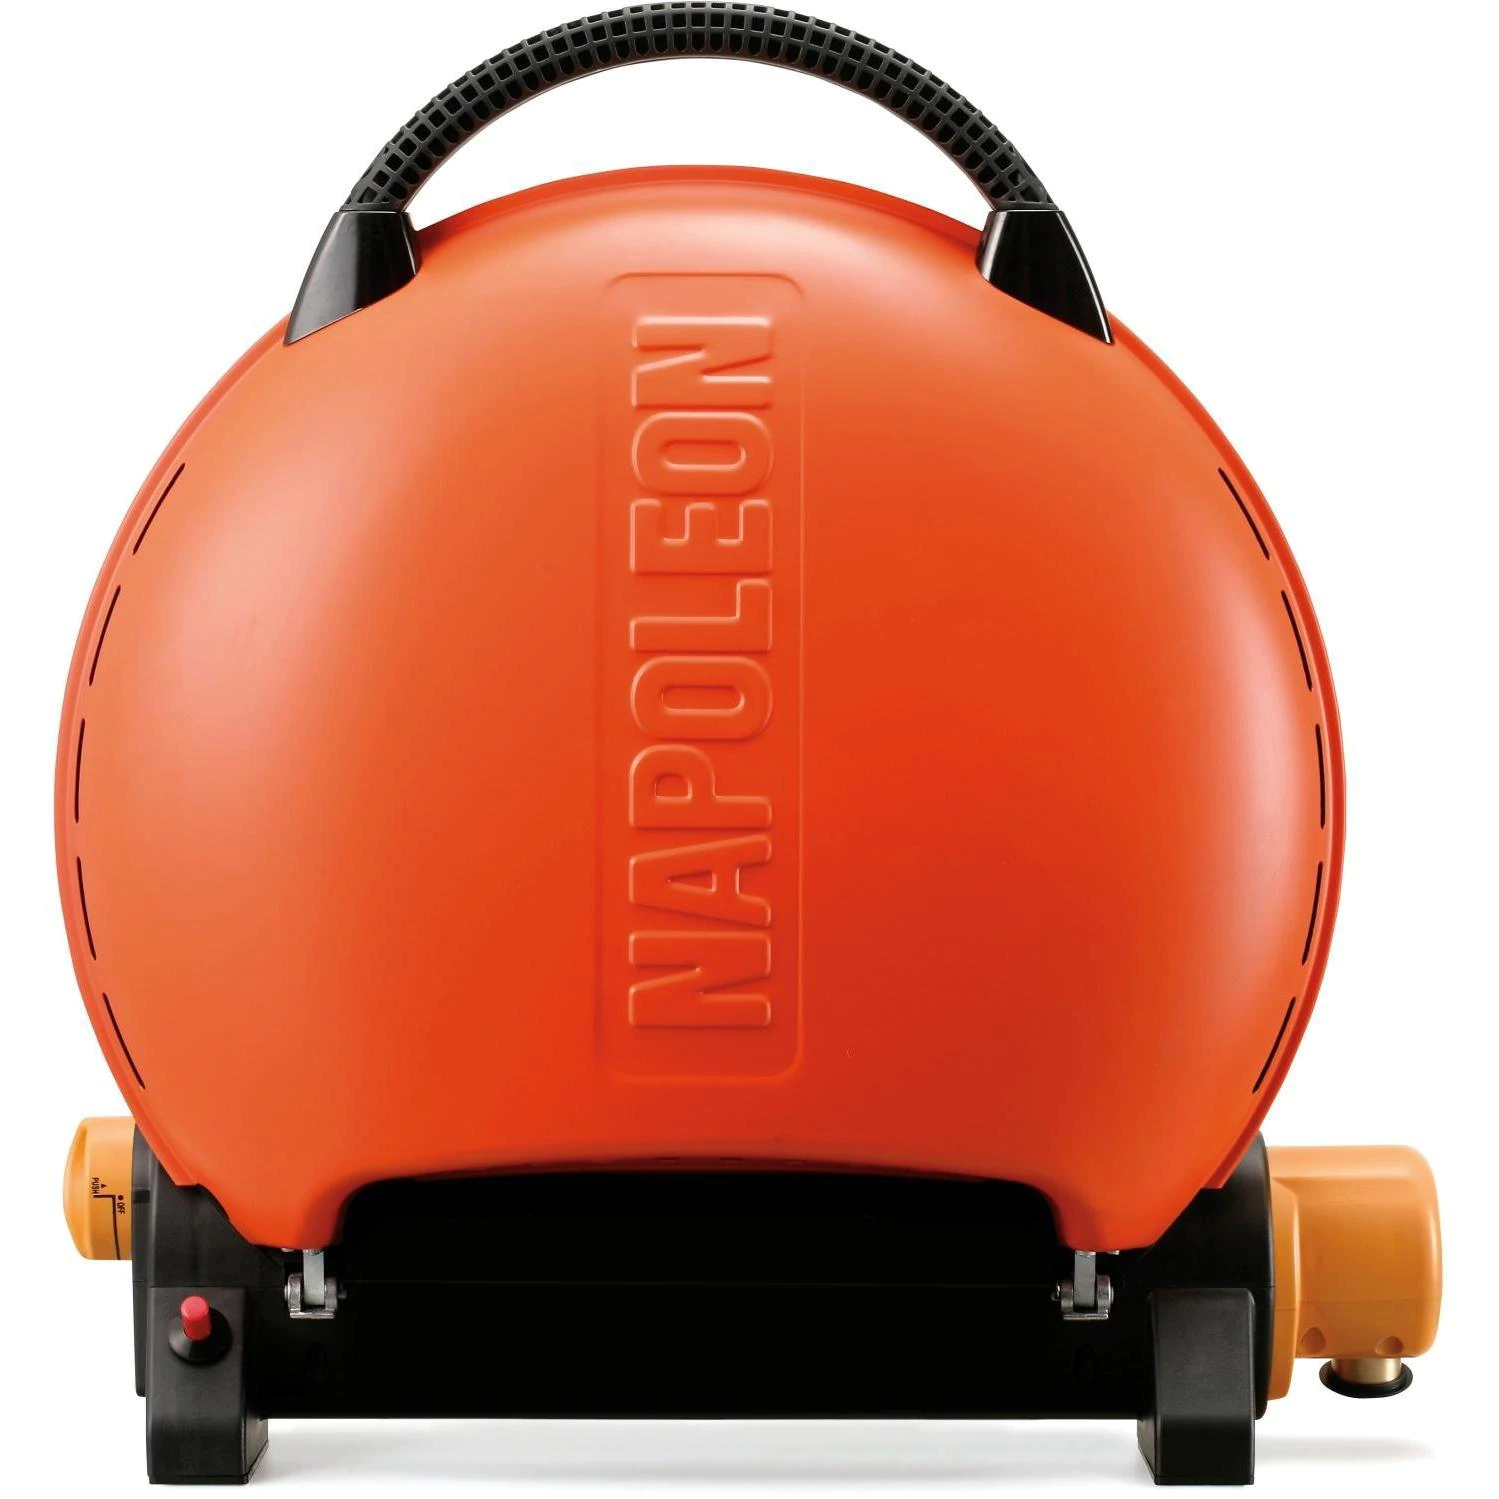 Napoleon TravelQ 2225 Portable Propane Gas Grill - Orange - TQ2225PO